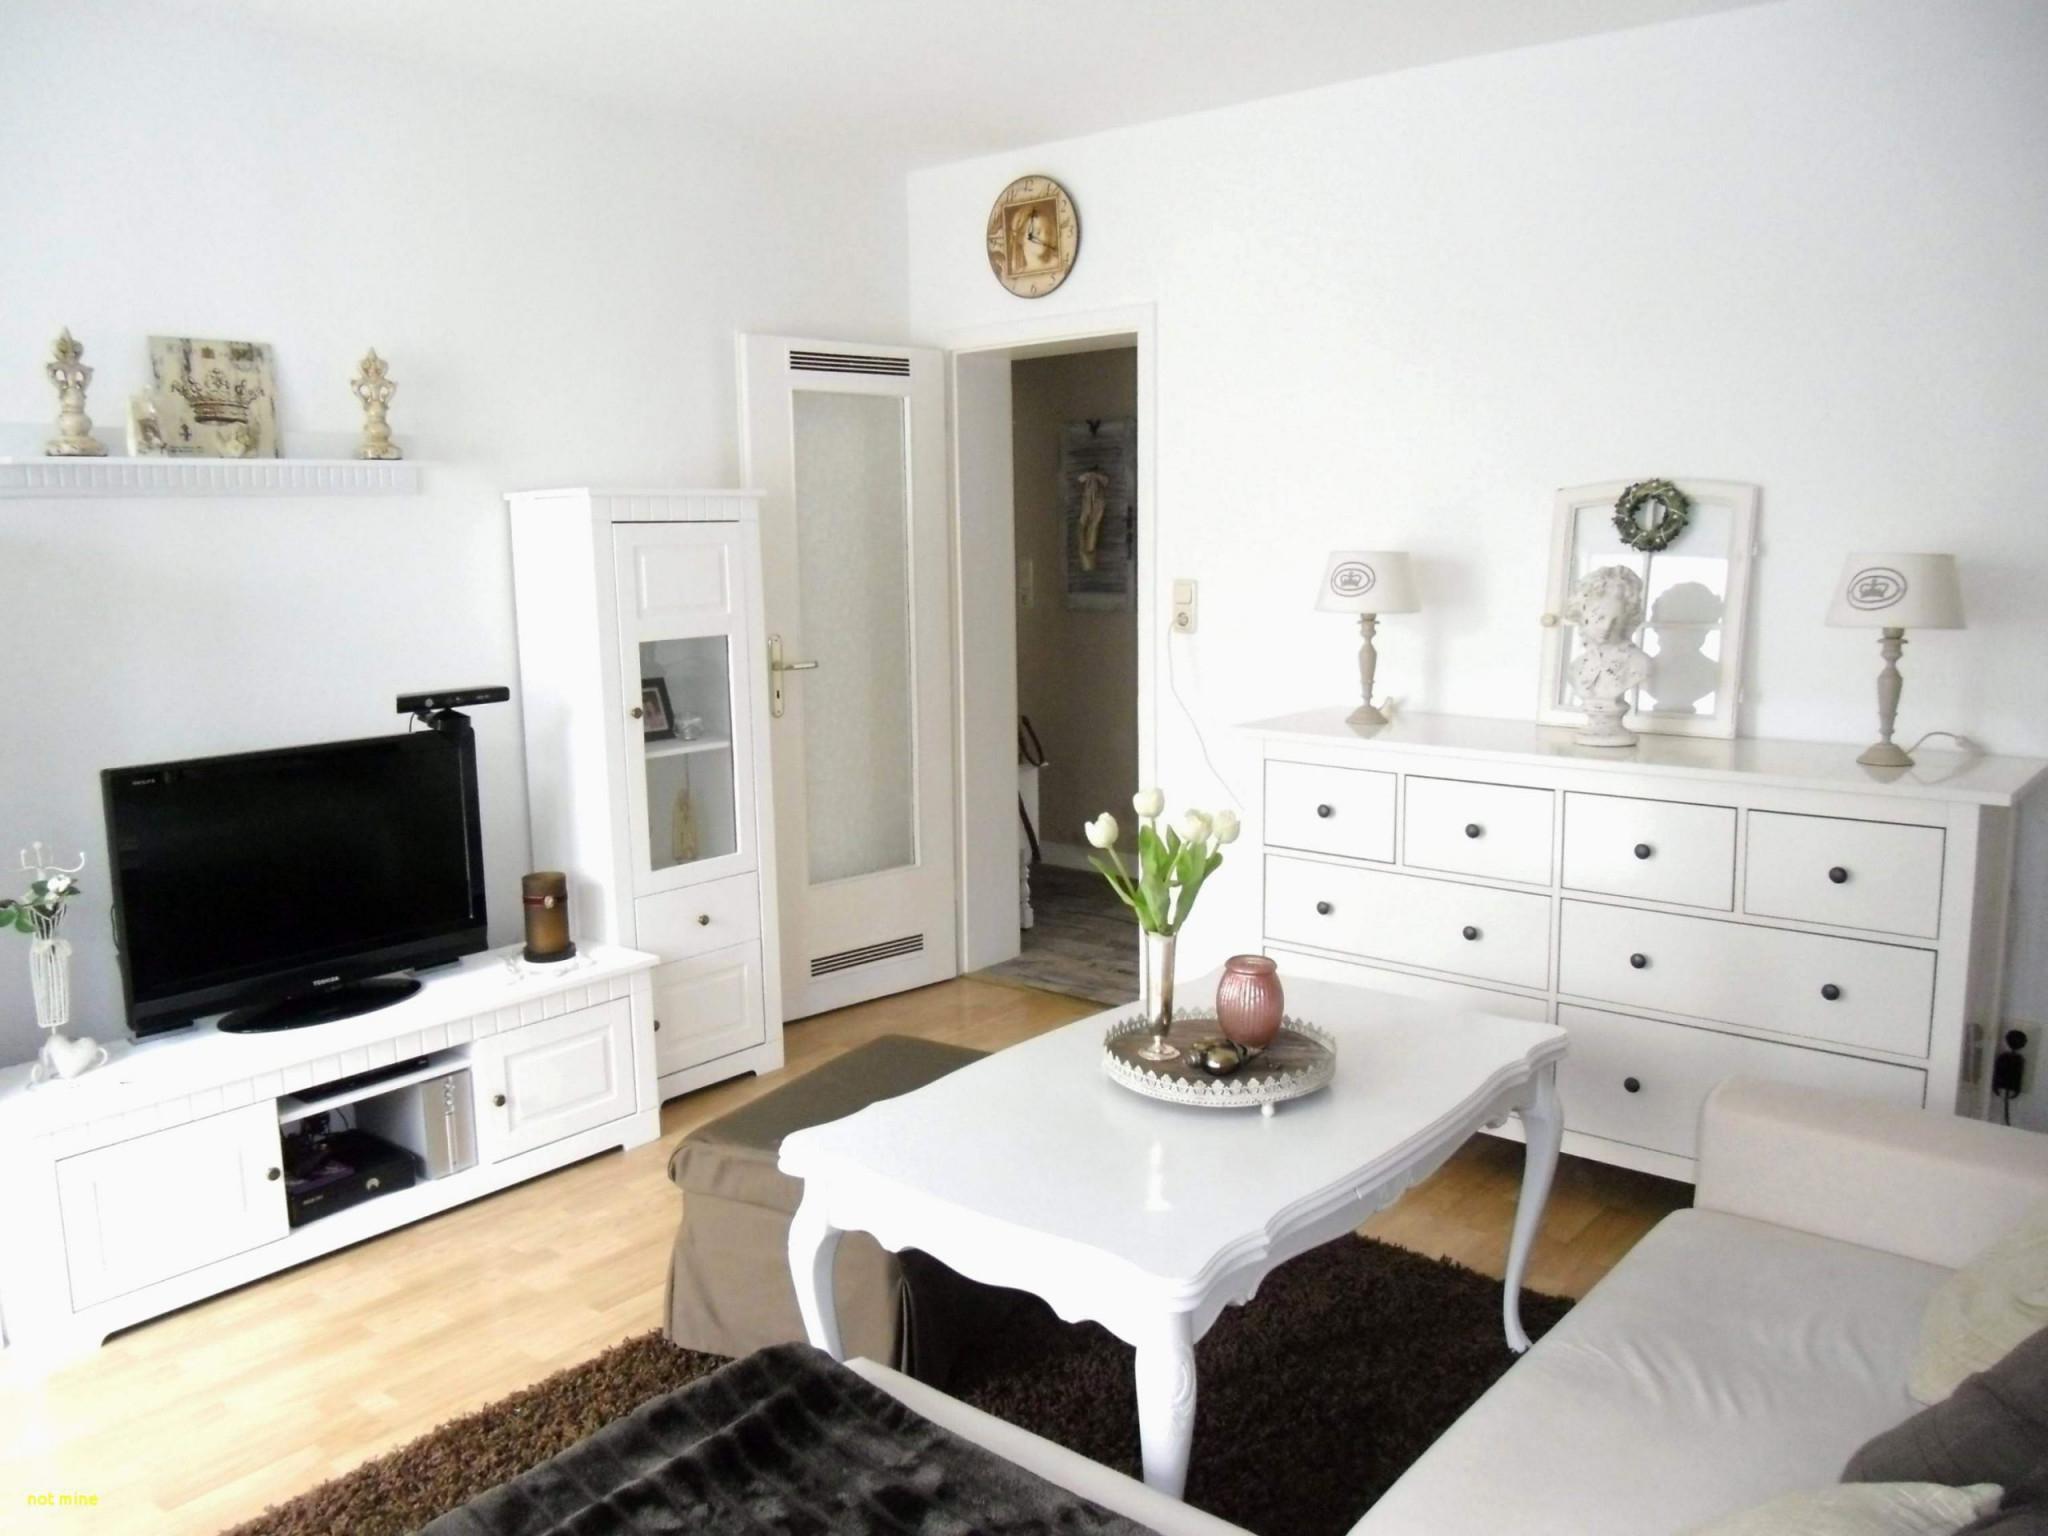 Wohnzimmer Accessoires Das Beste Von Verkaufsschlager von Accessoires Wohnzimmer Ideen Bild